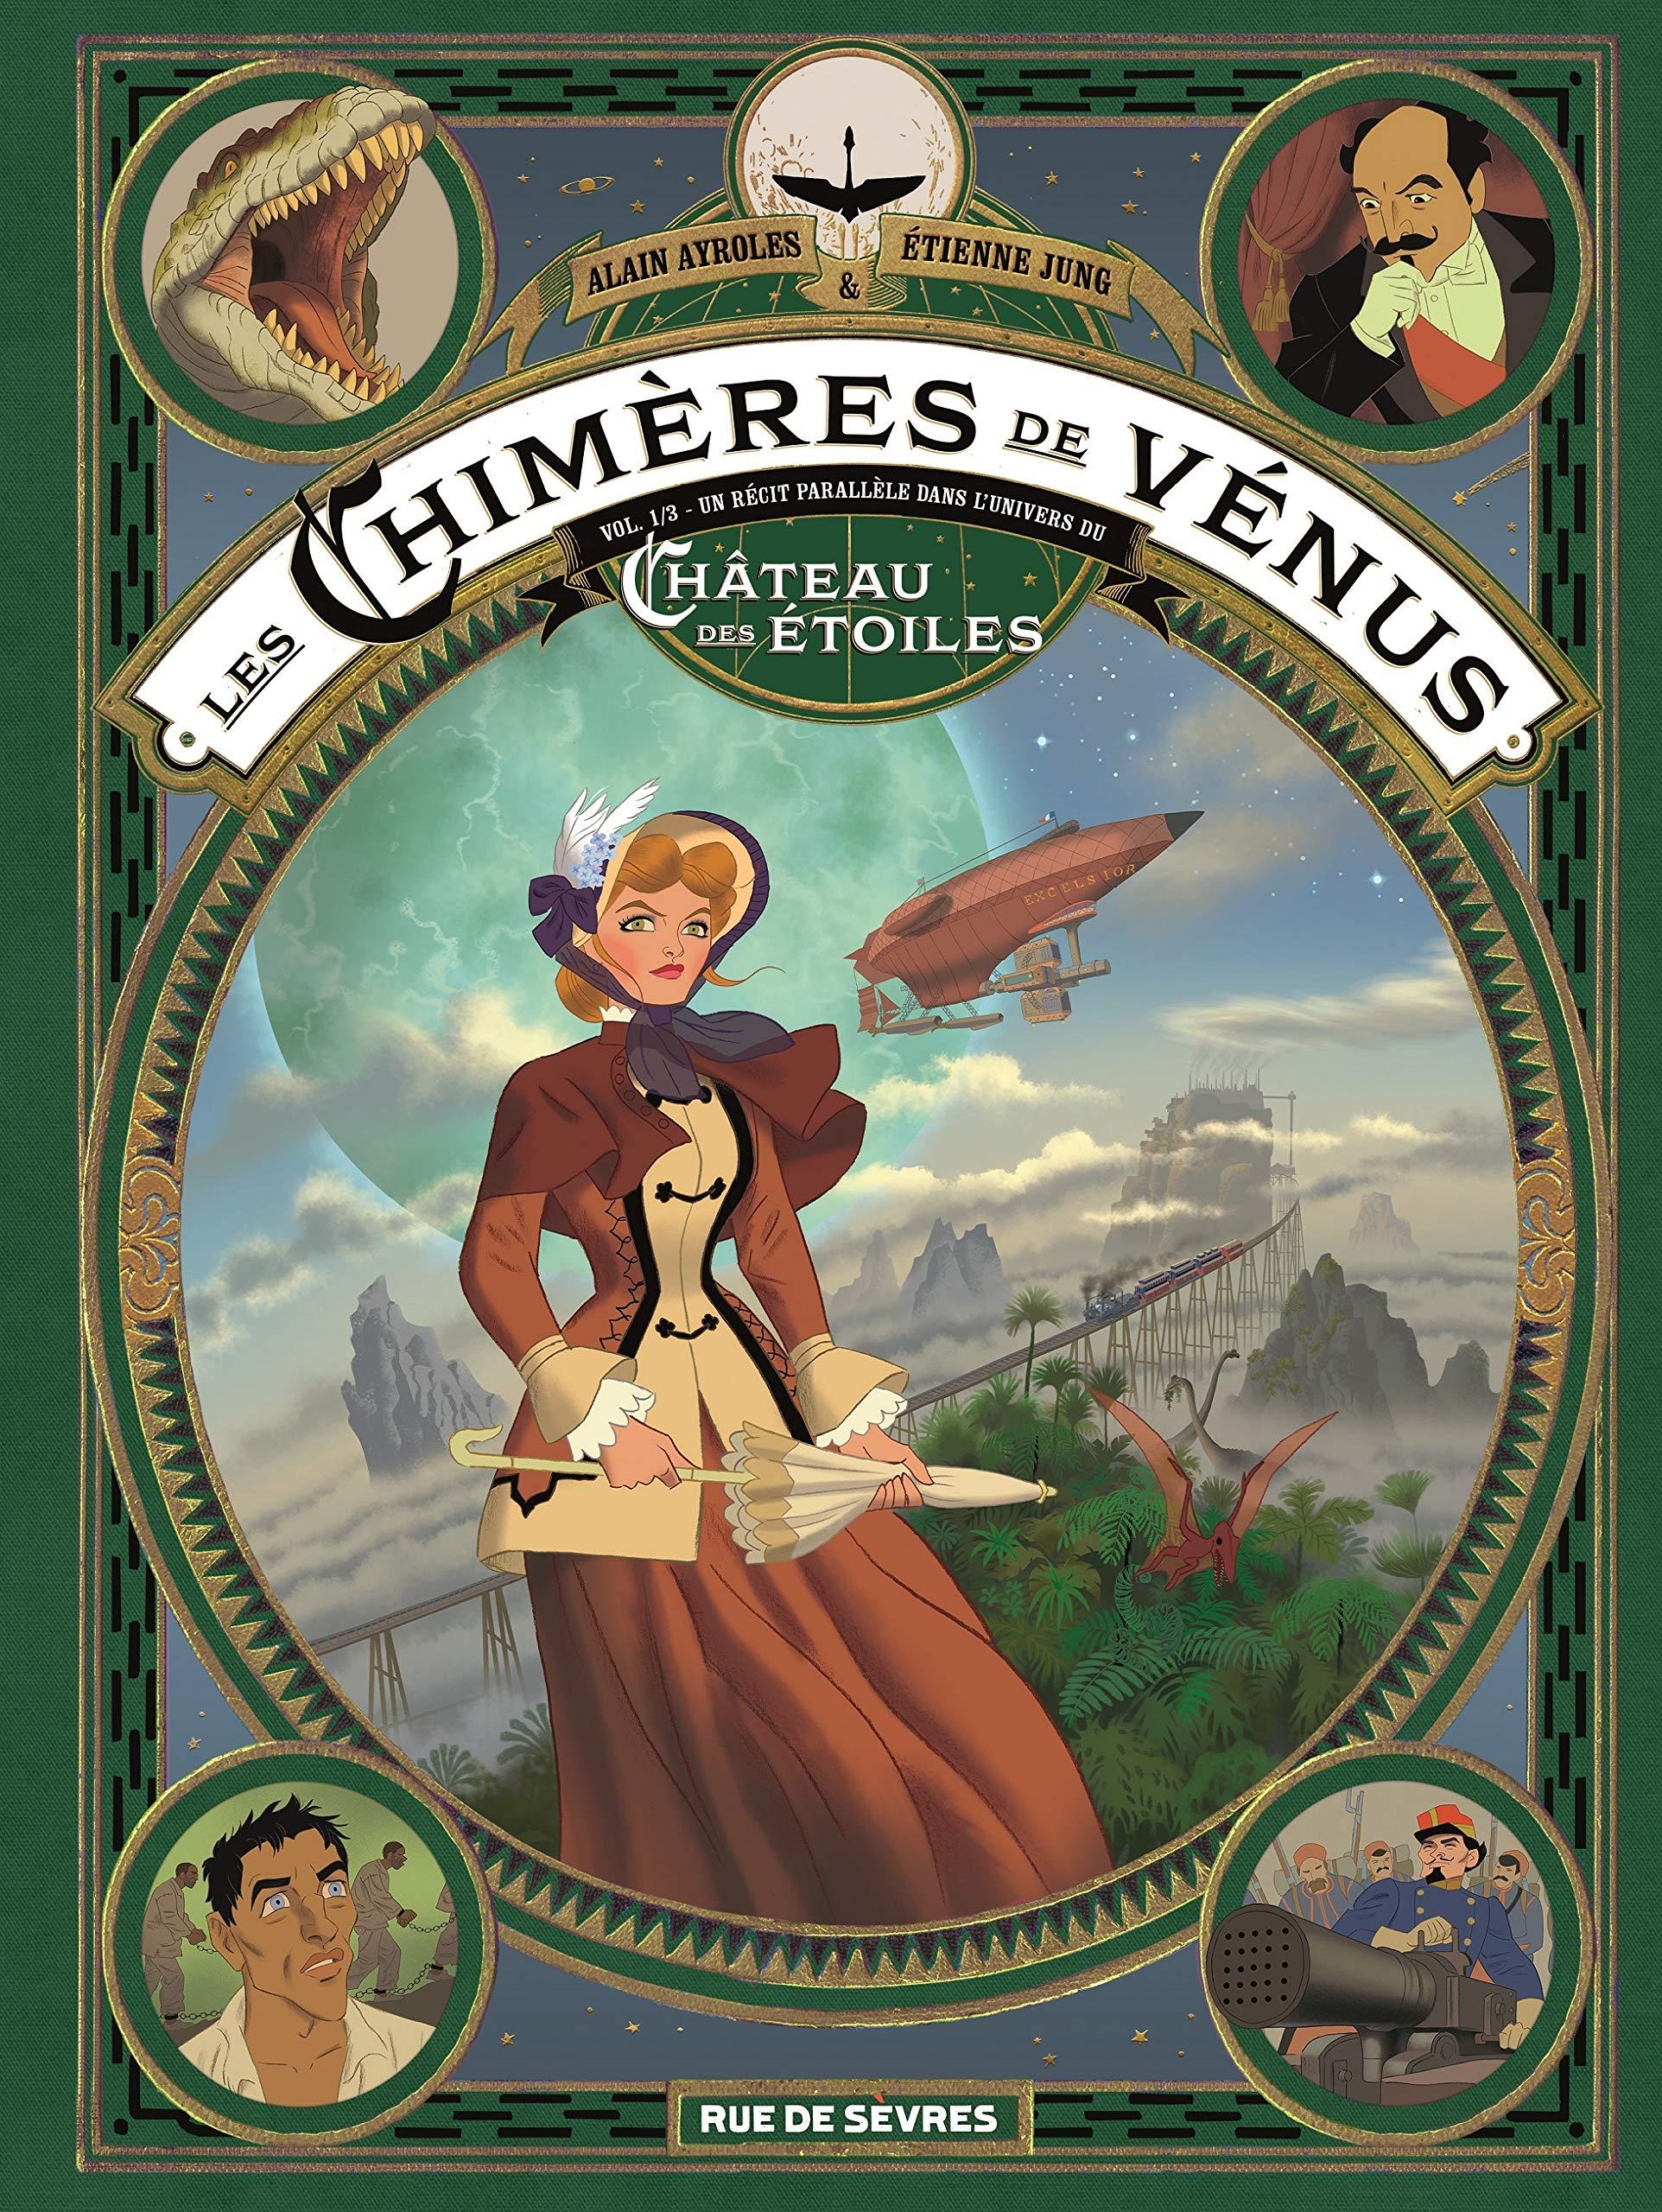 Les Chimères de Vénus, volume 1